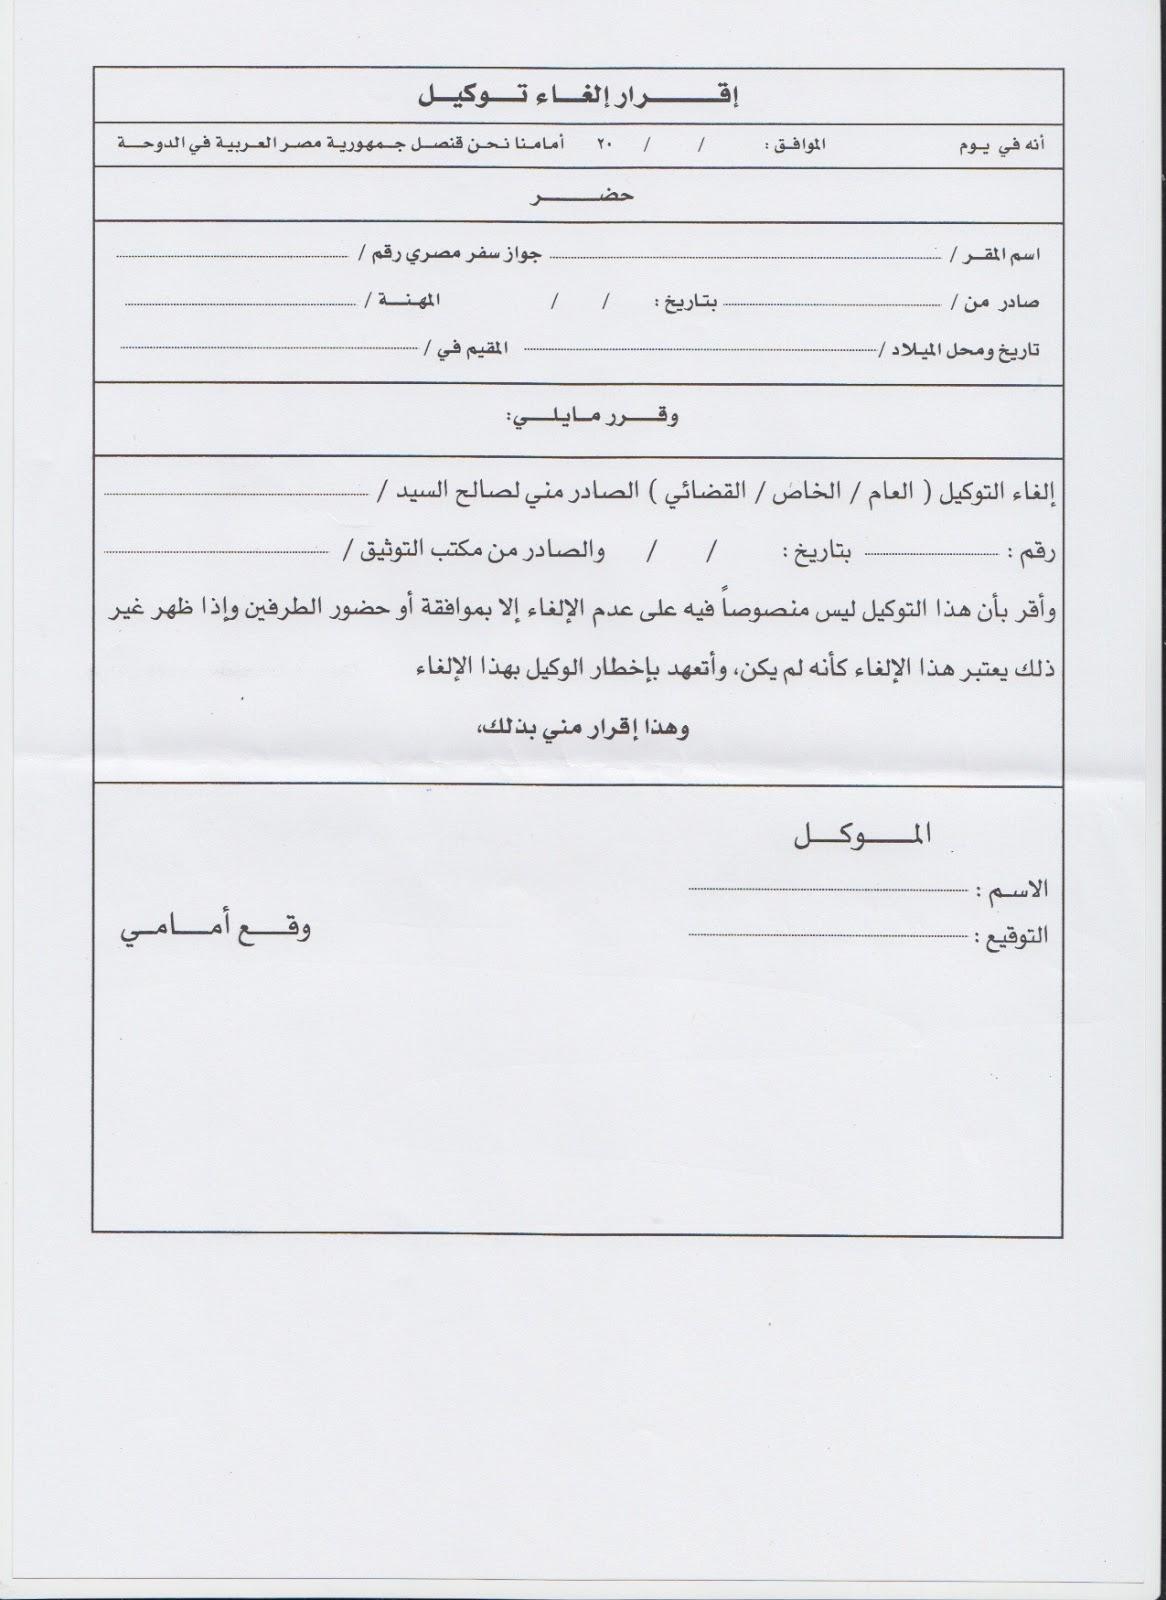 الاوراق المطلوبة لعمل توكيل بالسفارة المصرية بأمريكا